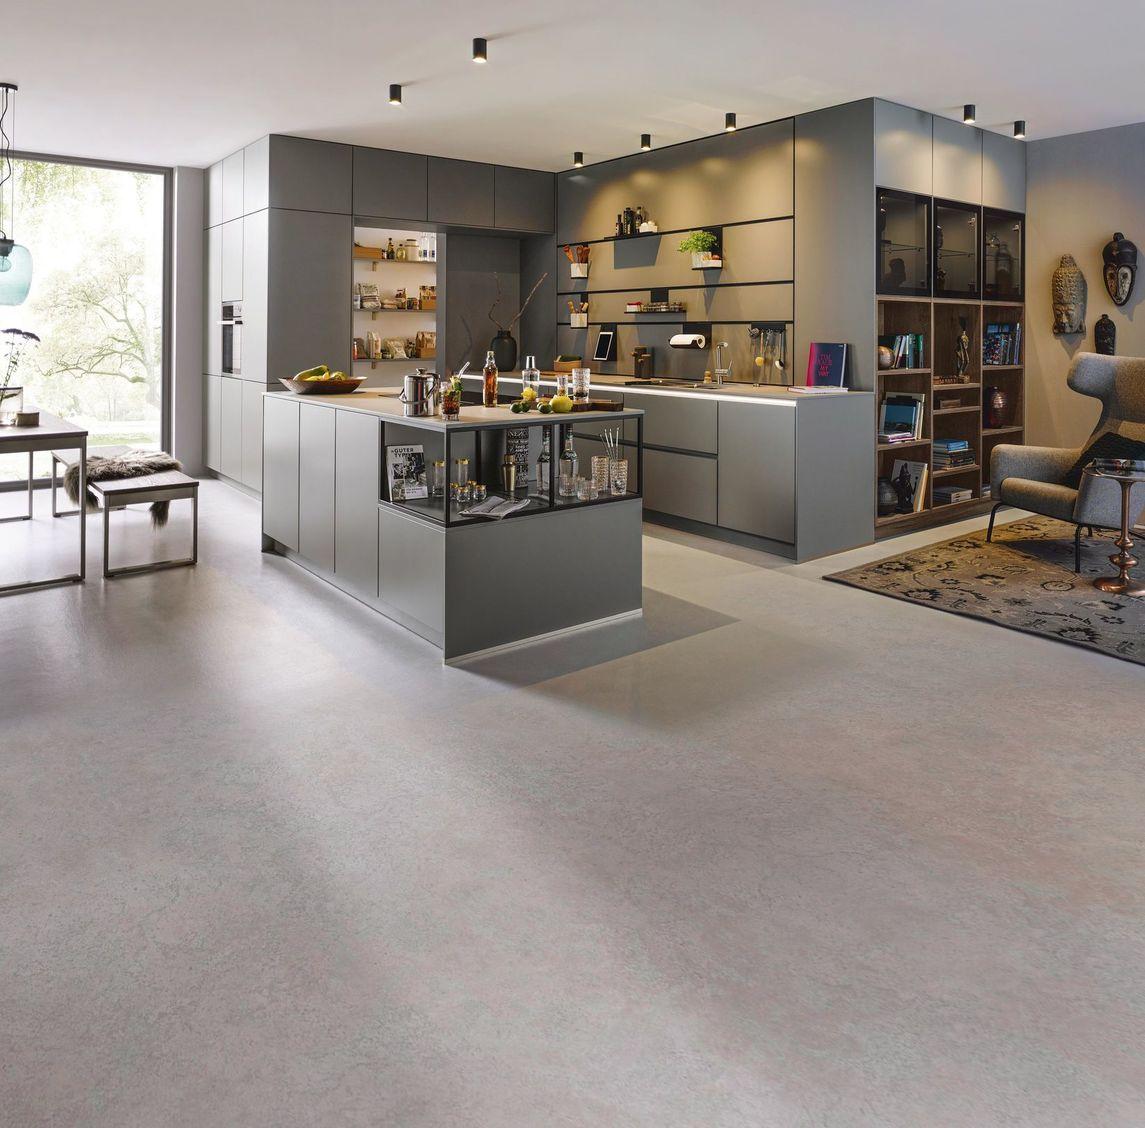 Full Size of Xxxlutz Traumkchen Planer Inselküche Abverkauf Bad Küchen Regal Wohnzimmer Walden Küchen Abverkauf